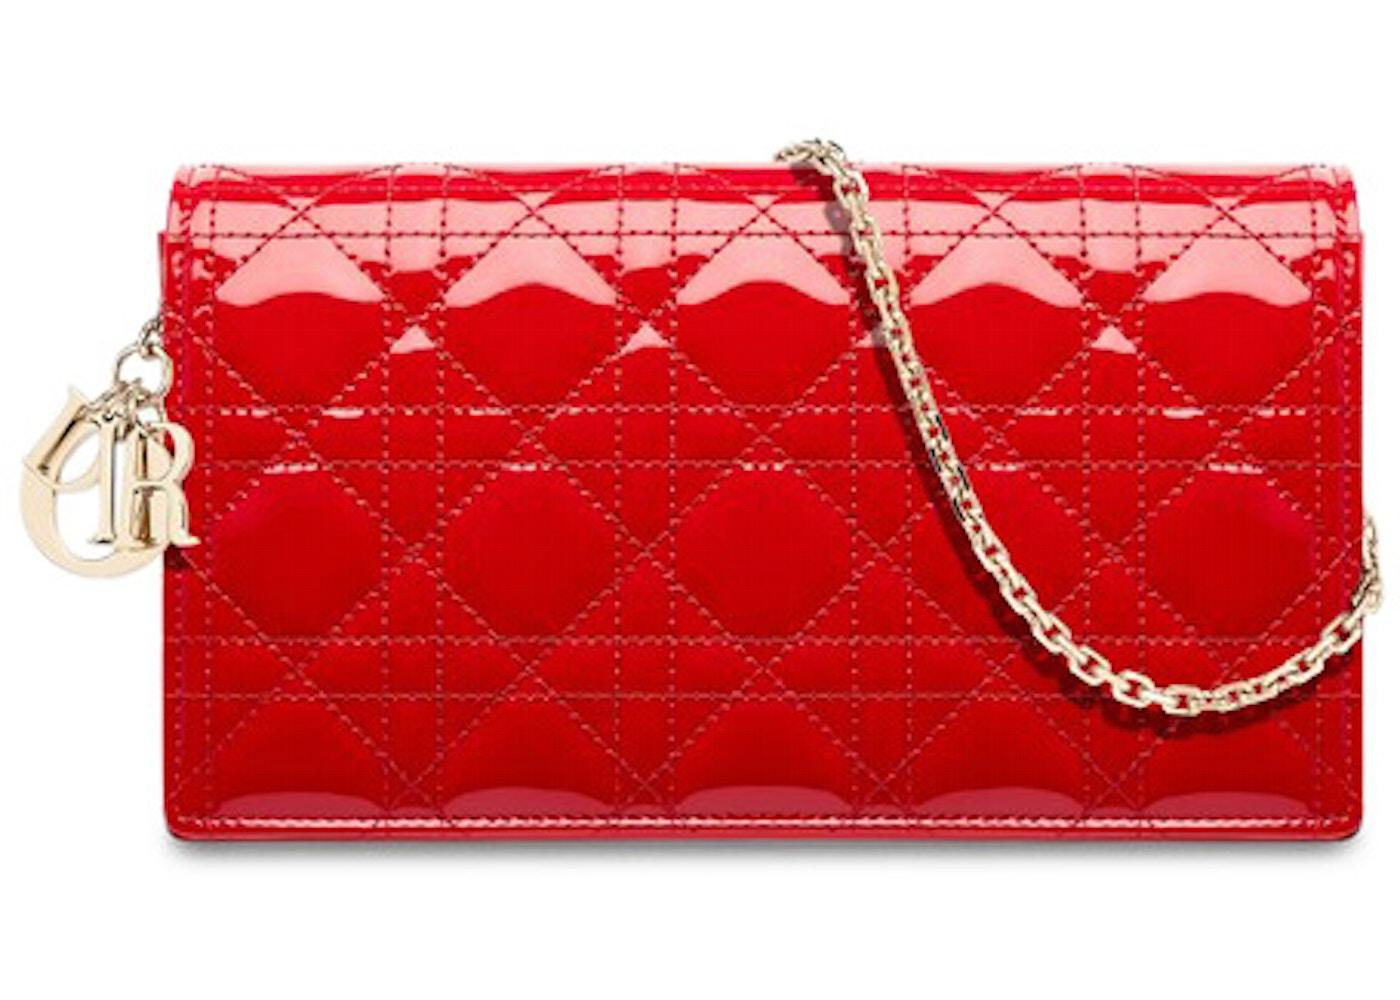 175c58e507 Dior Lady Dior Clutch Patent Calfskin Red